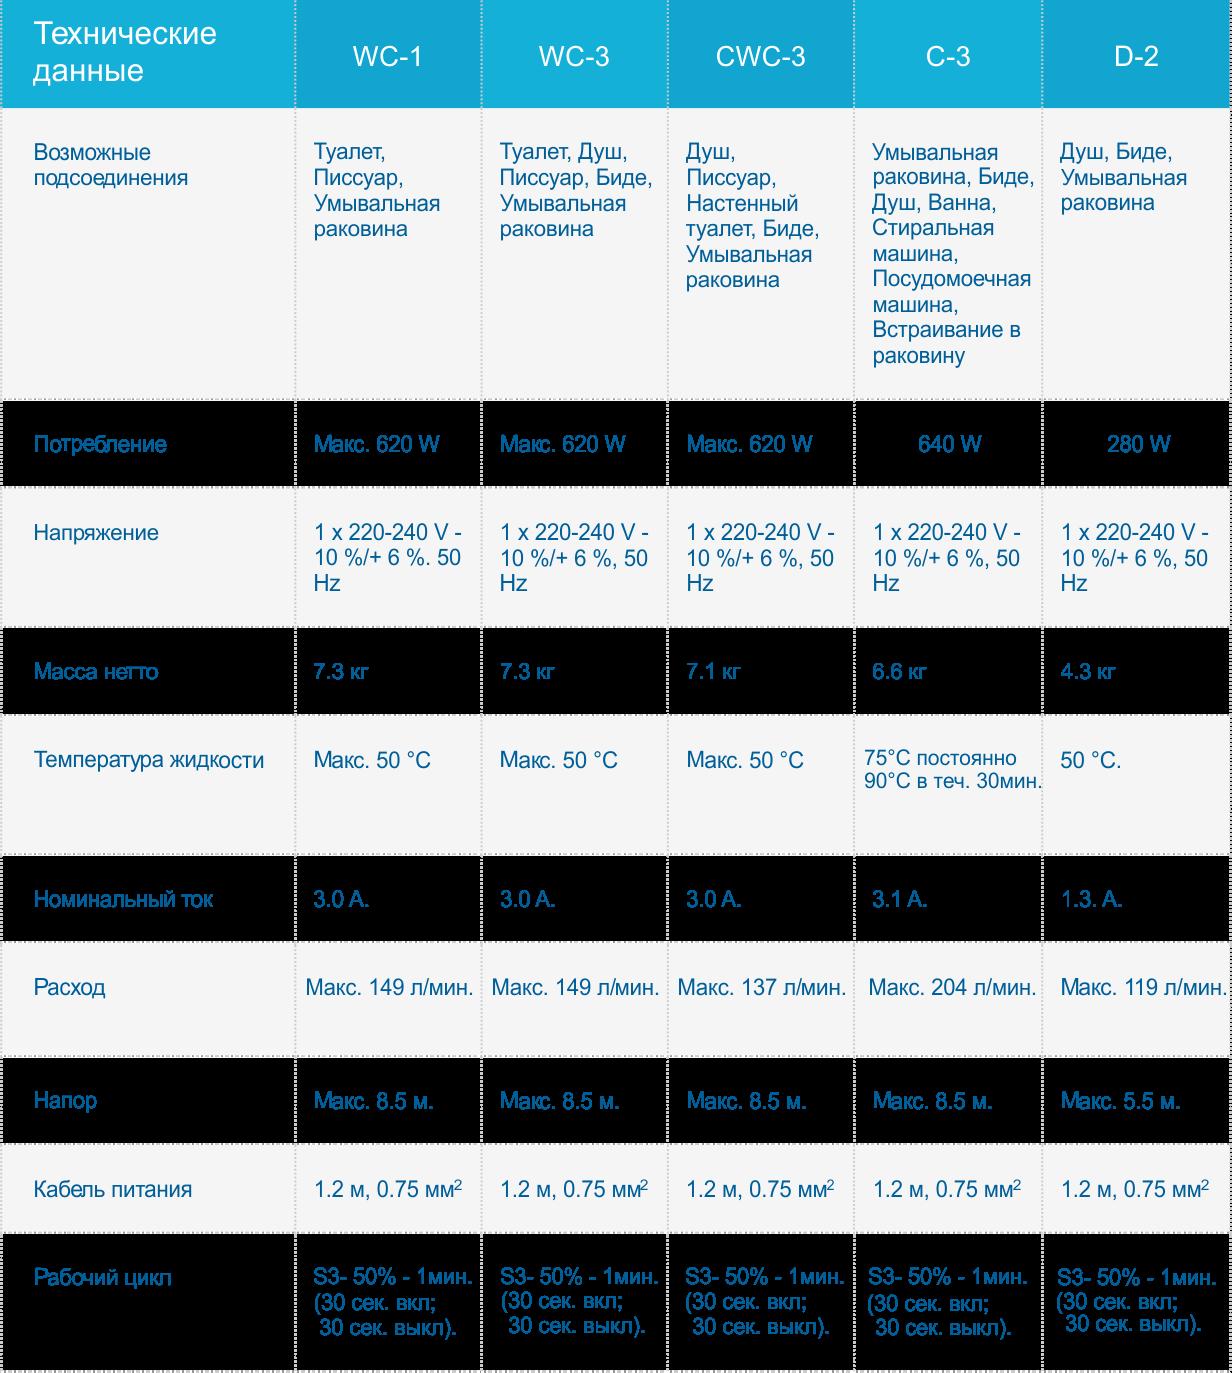 Таблица с техническими данными насосных установок Grundfos SOLOLIFT2